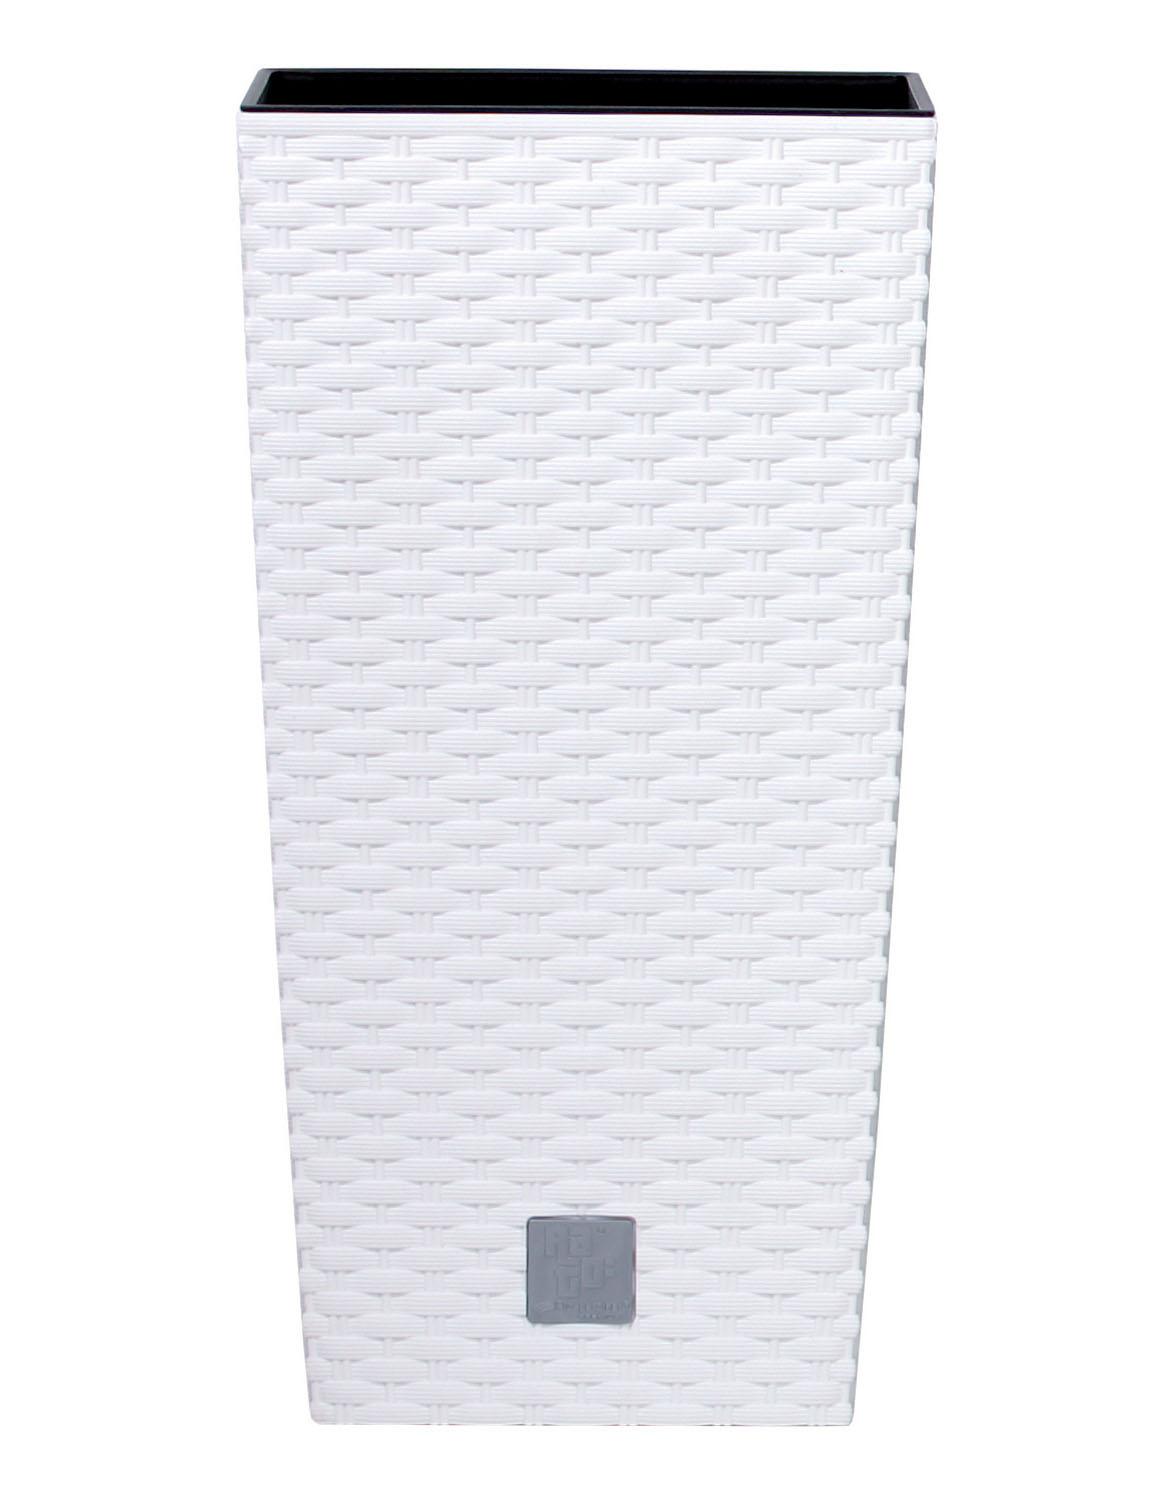 PROSPERPLAST Květináč RATO SQUARE + vklad bílý 17cm